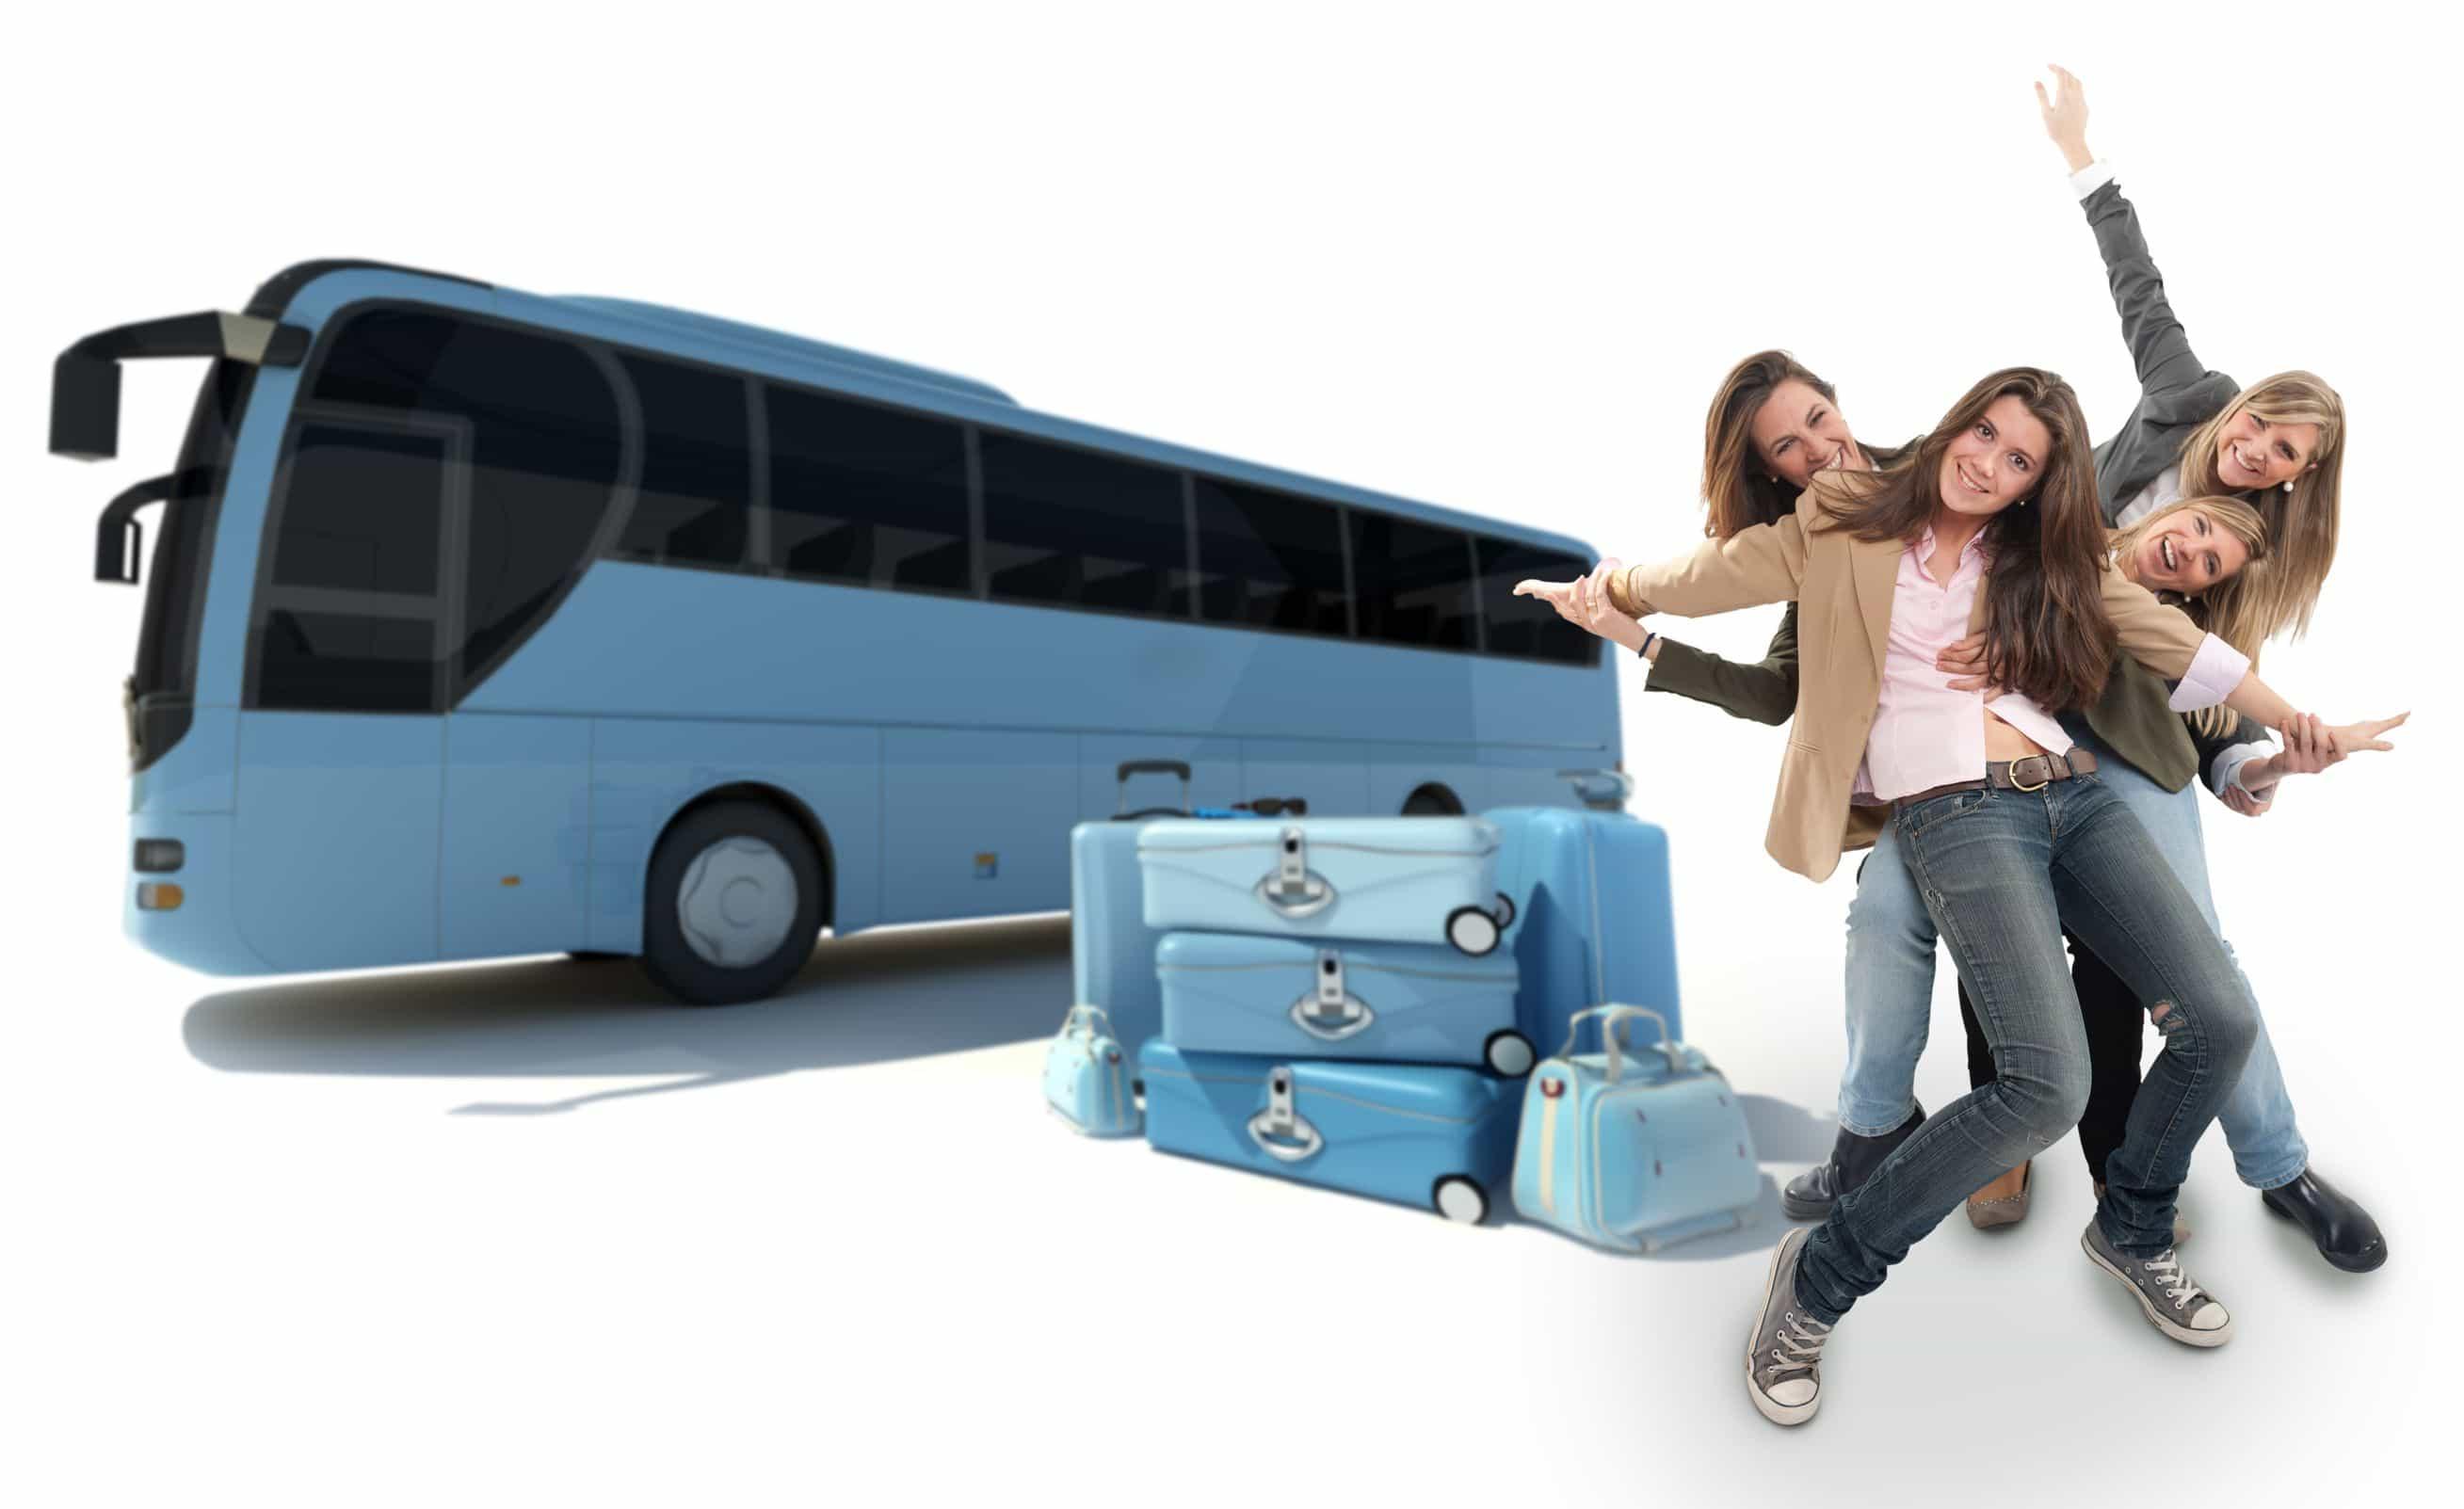 Bus, maletas, personas renunidas sonriendo